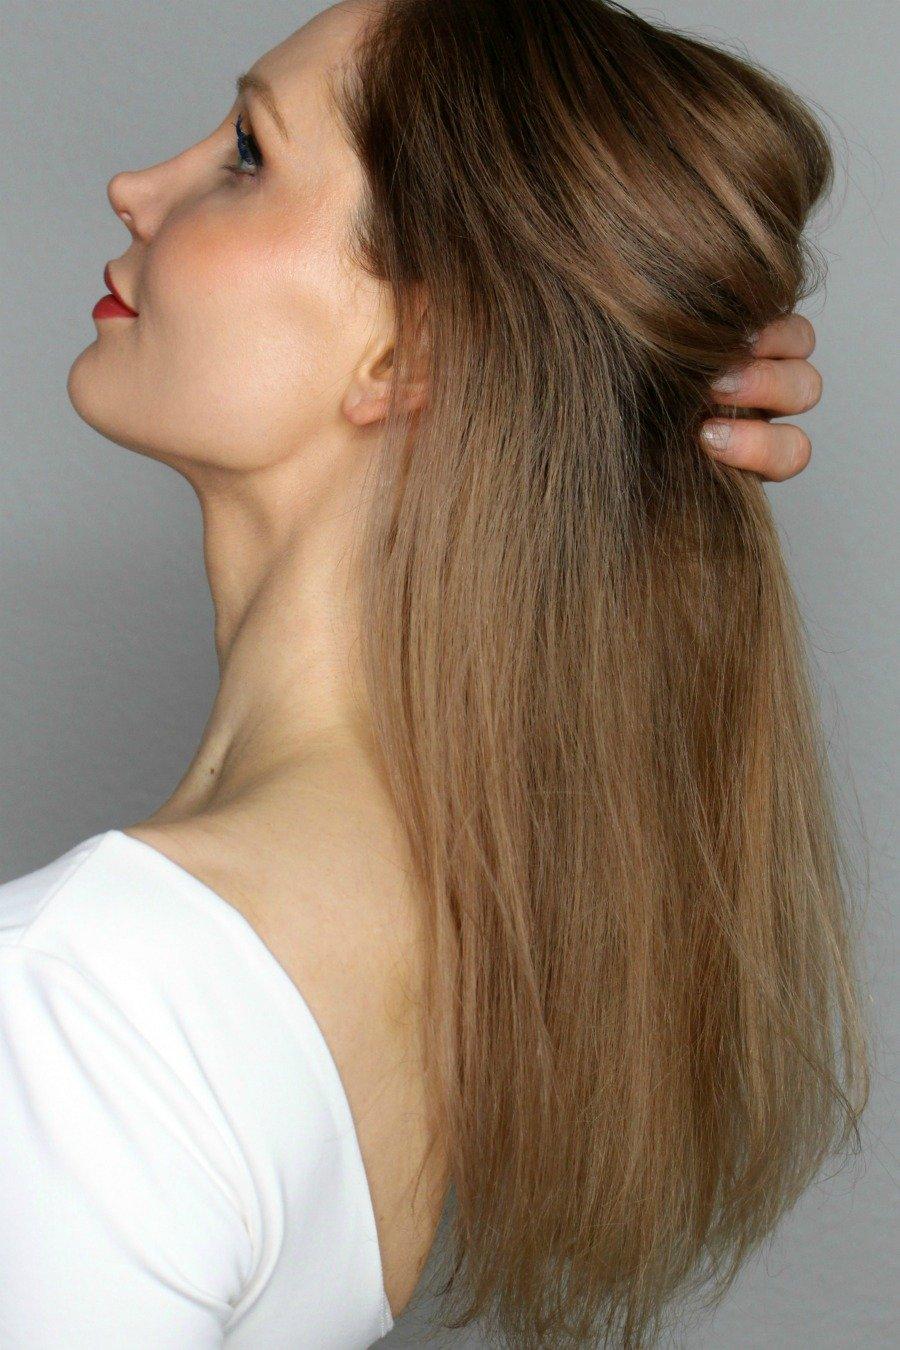 Haarpflege gegen Gelbstich, Haarfarbe länger haltbar machen, dunkelblonde Haare pflegen, von hellblond gefärbt auf dunkelblond, beste Anti-Gelbstich Produkte, beste Anti-Orangestich Produkte, Rot Orangestich entfernen, Orangestich entfernen, Rotstich aus den Haaren entfernen, Super Twins Haare, Super Twins Annalena und Magdalena